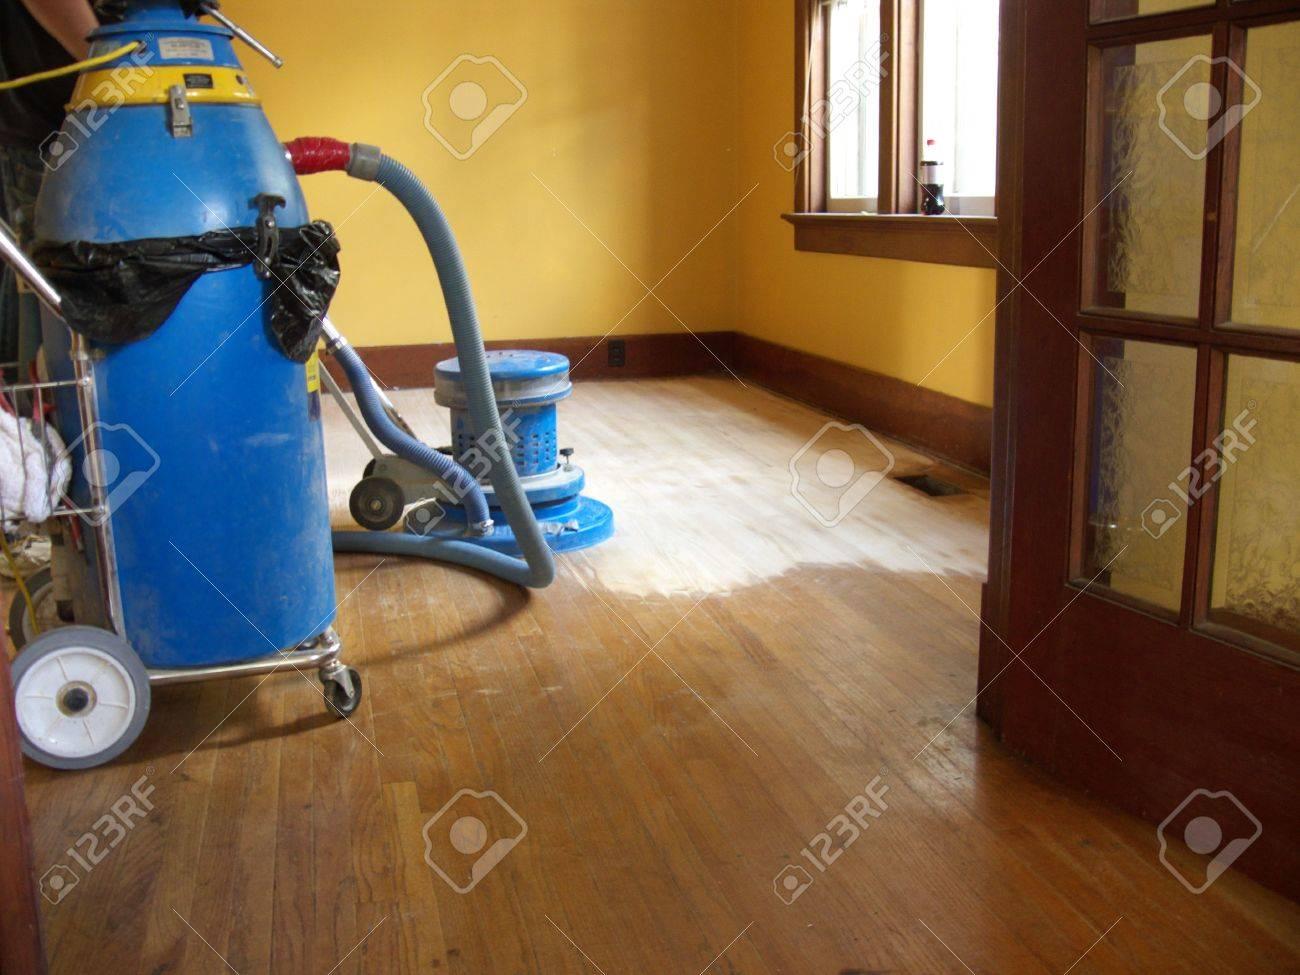 Fußboden Schleifen ~ Hartholz fußboden schleifen und lackierung lizenzfreie fotos